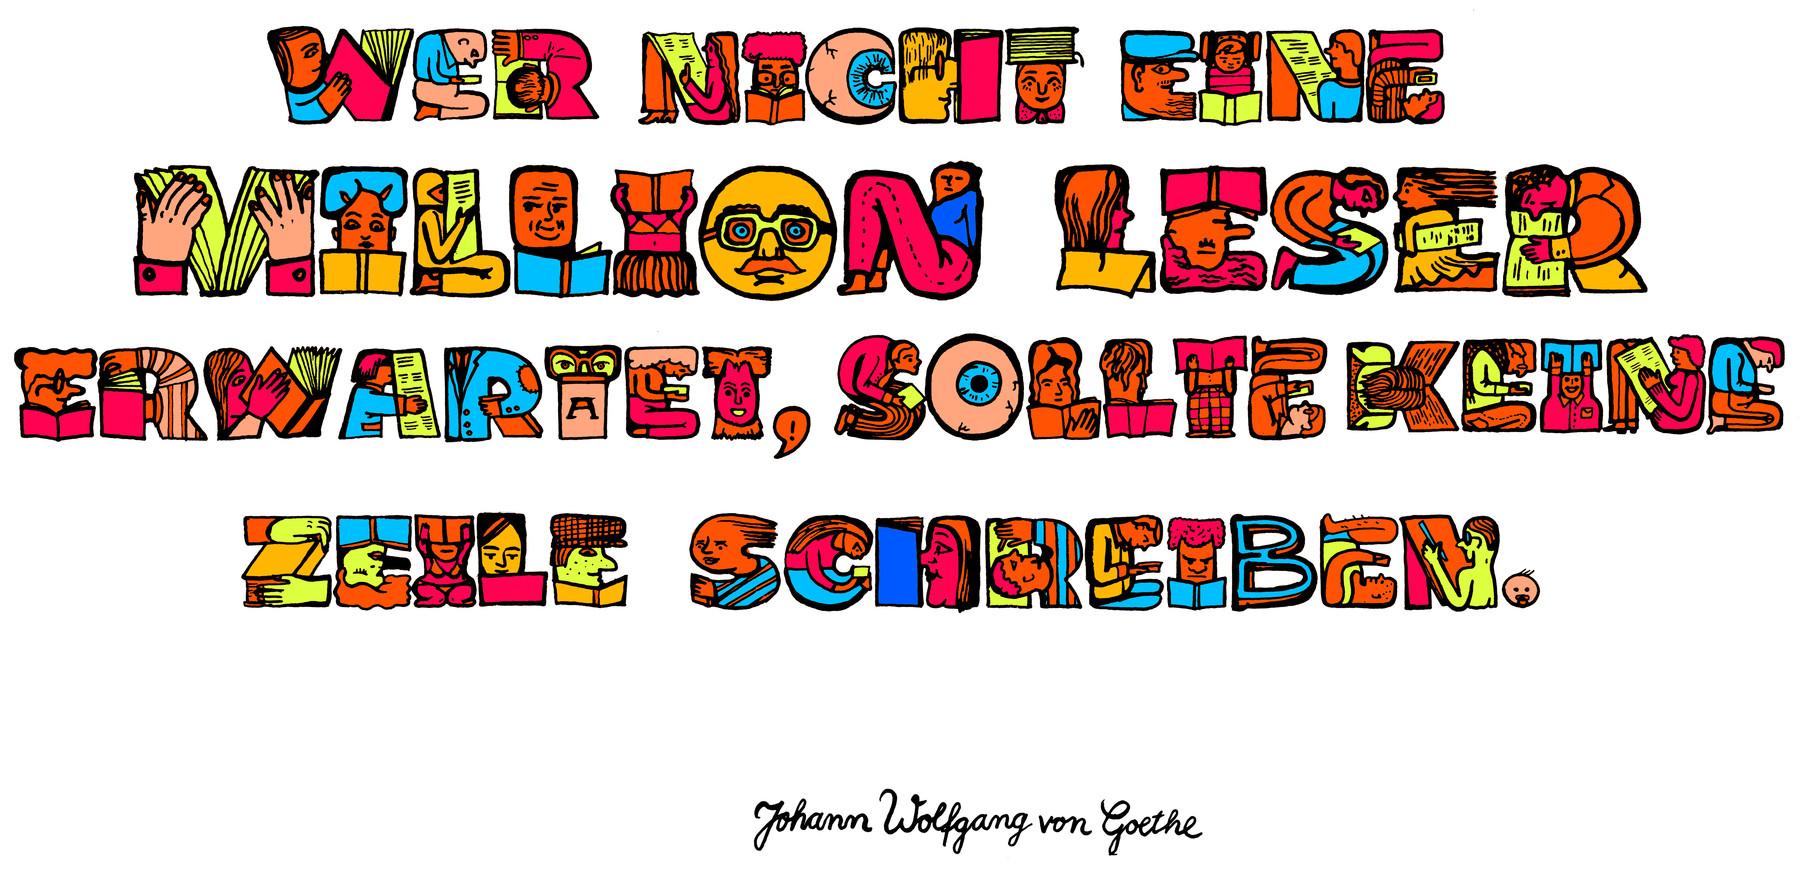 Dieses Handlettering zeigt Zitat von J.W. von Goethe und entstand als Stellenausschreibung für den Burda Verlag.